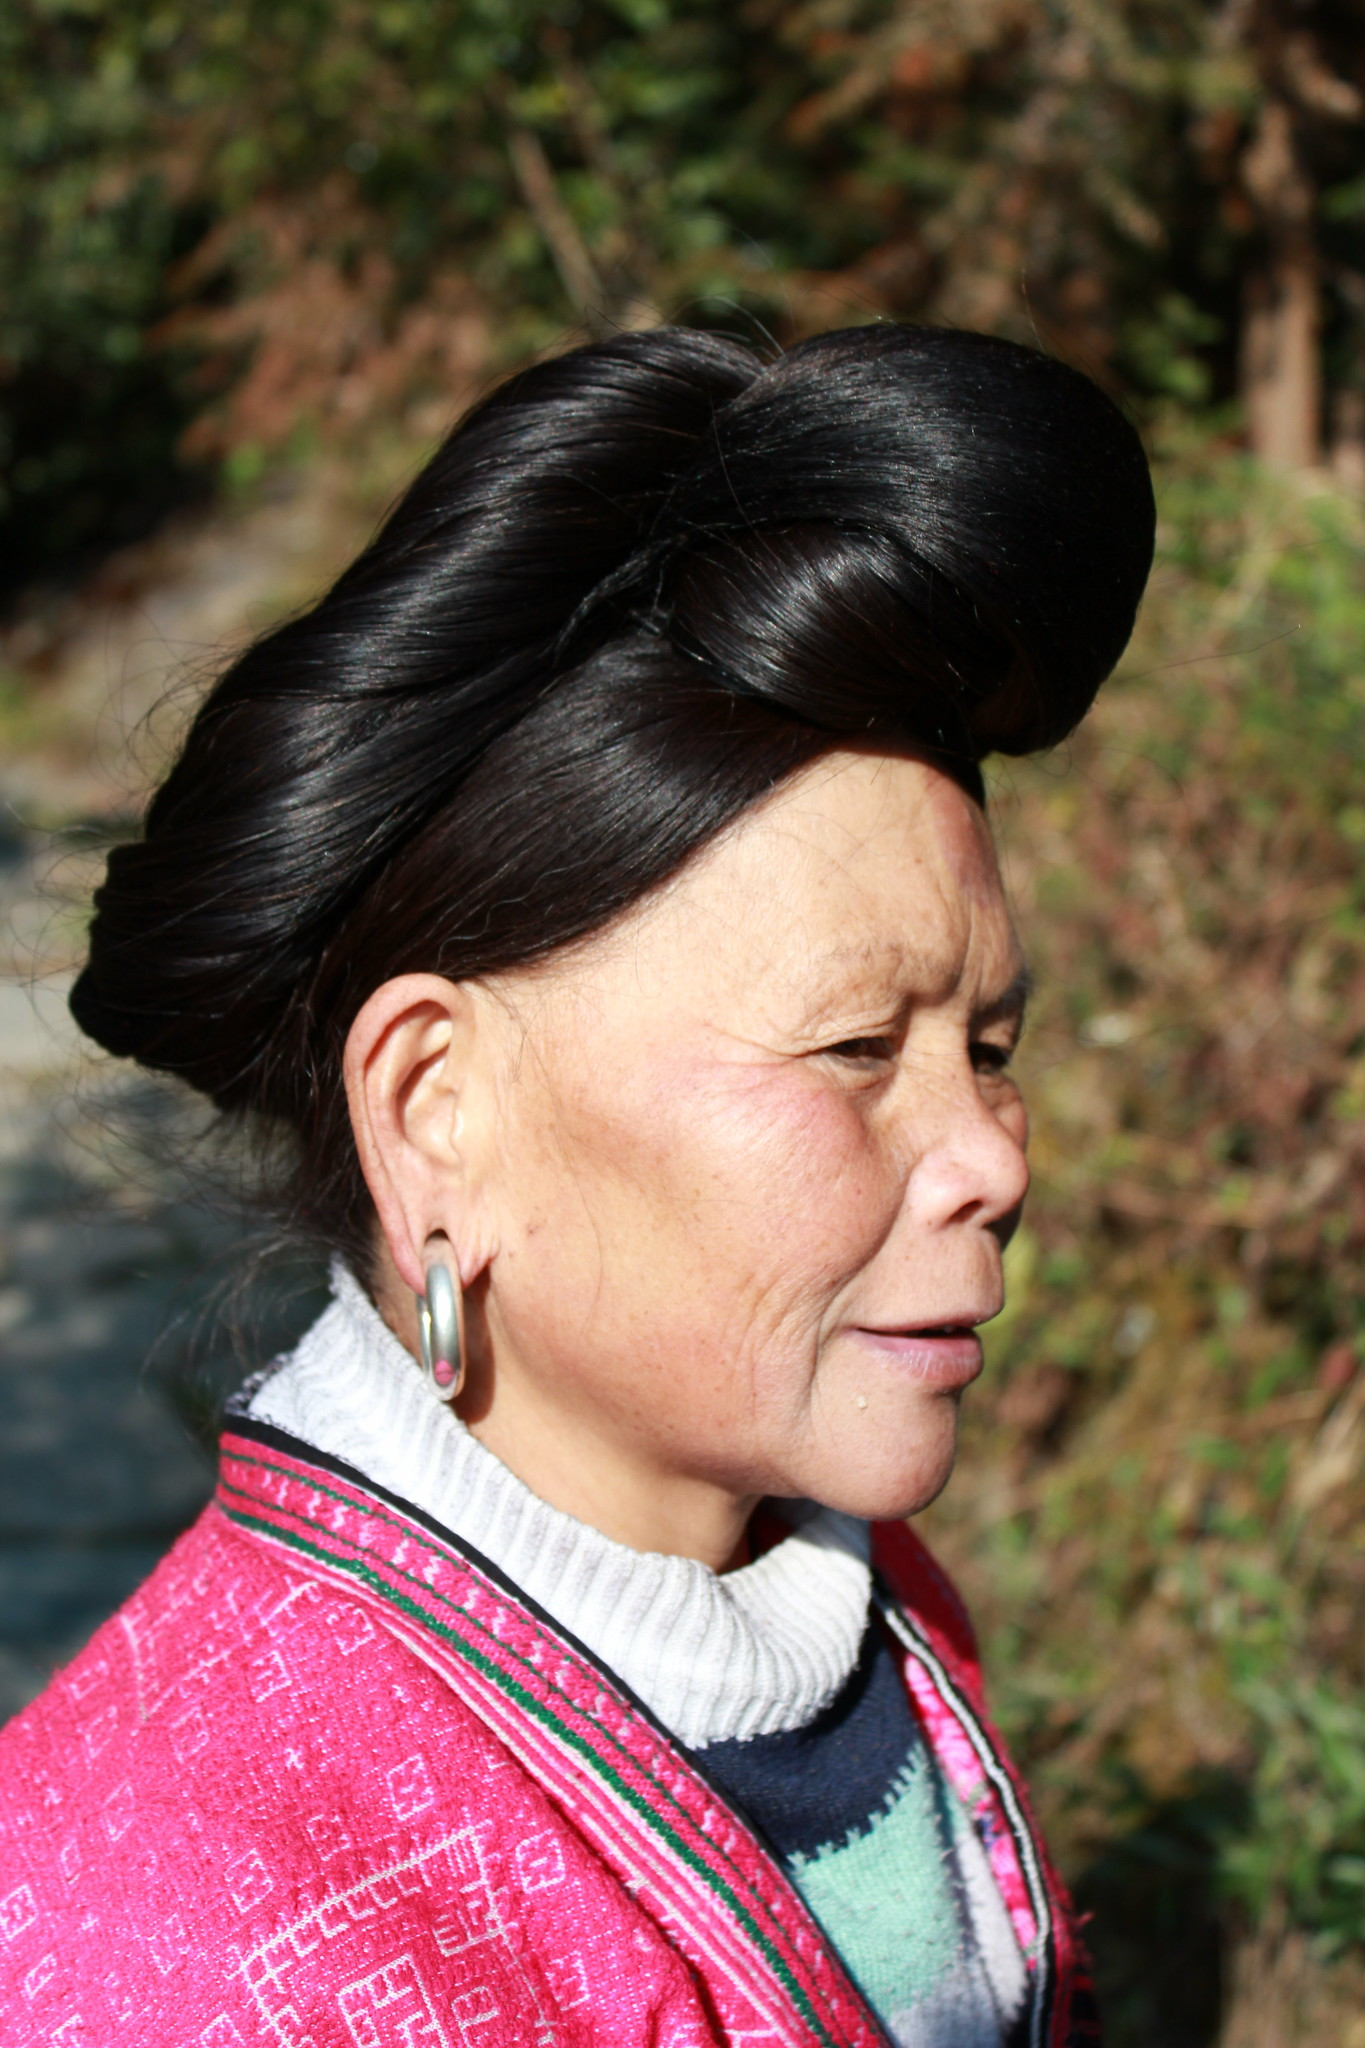 capelli delle donne della tribù cinese Red Yao